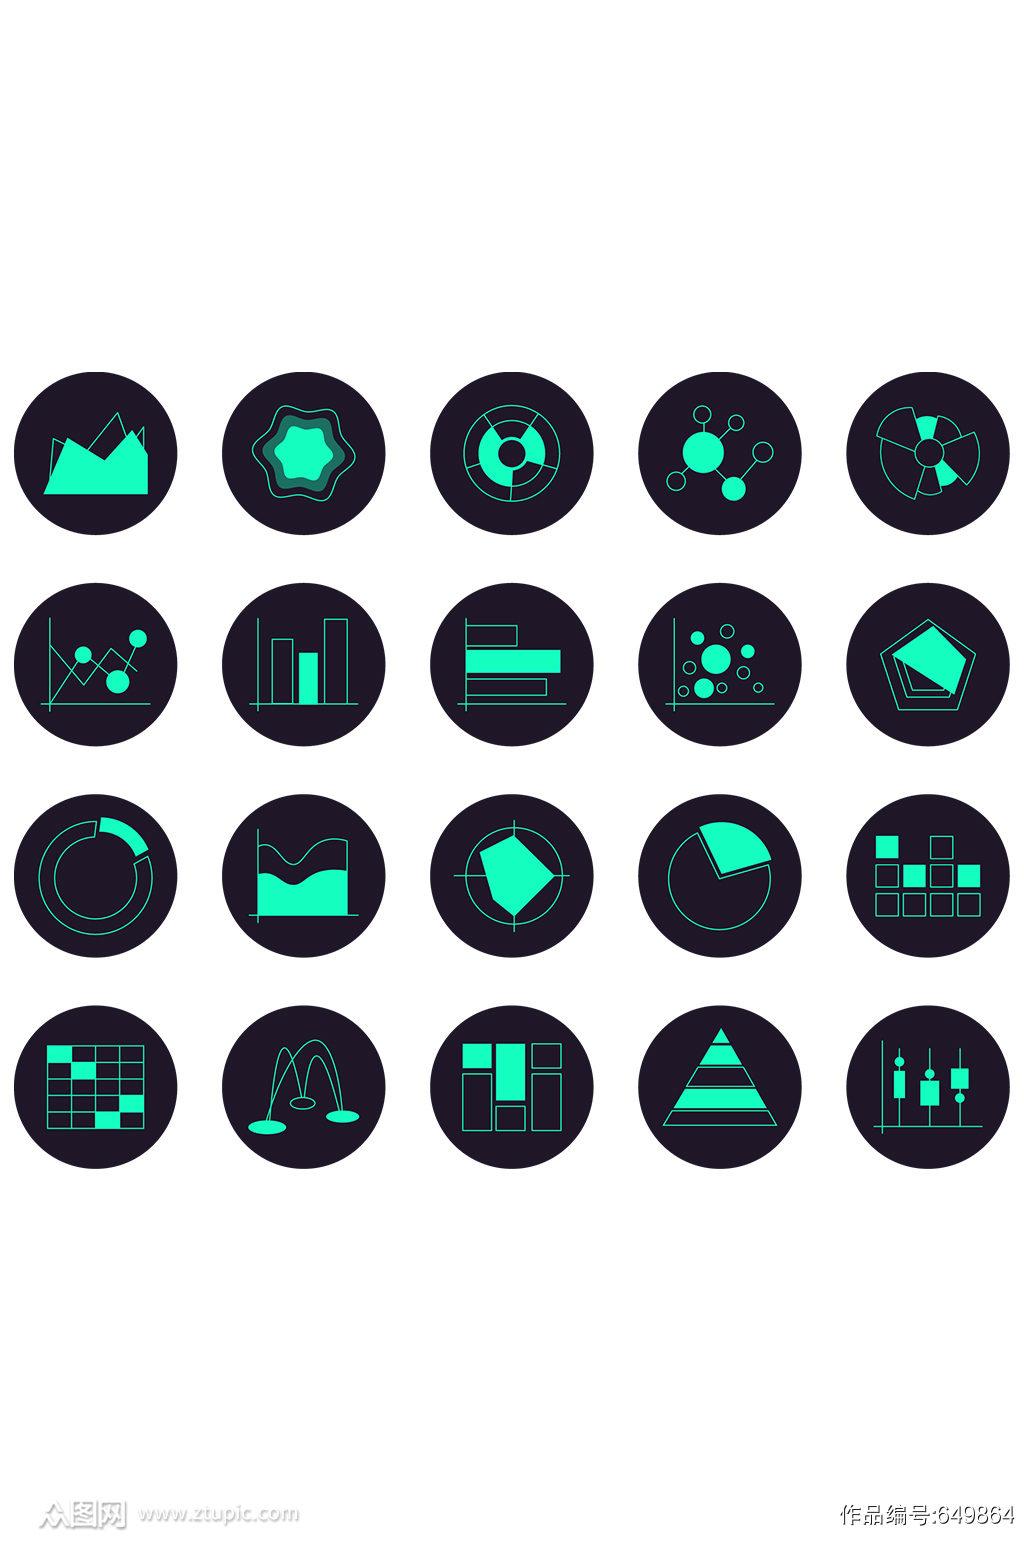 各种图表类图标icon表格素材